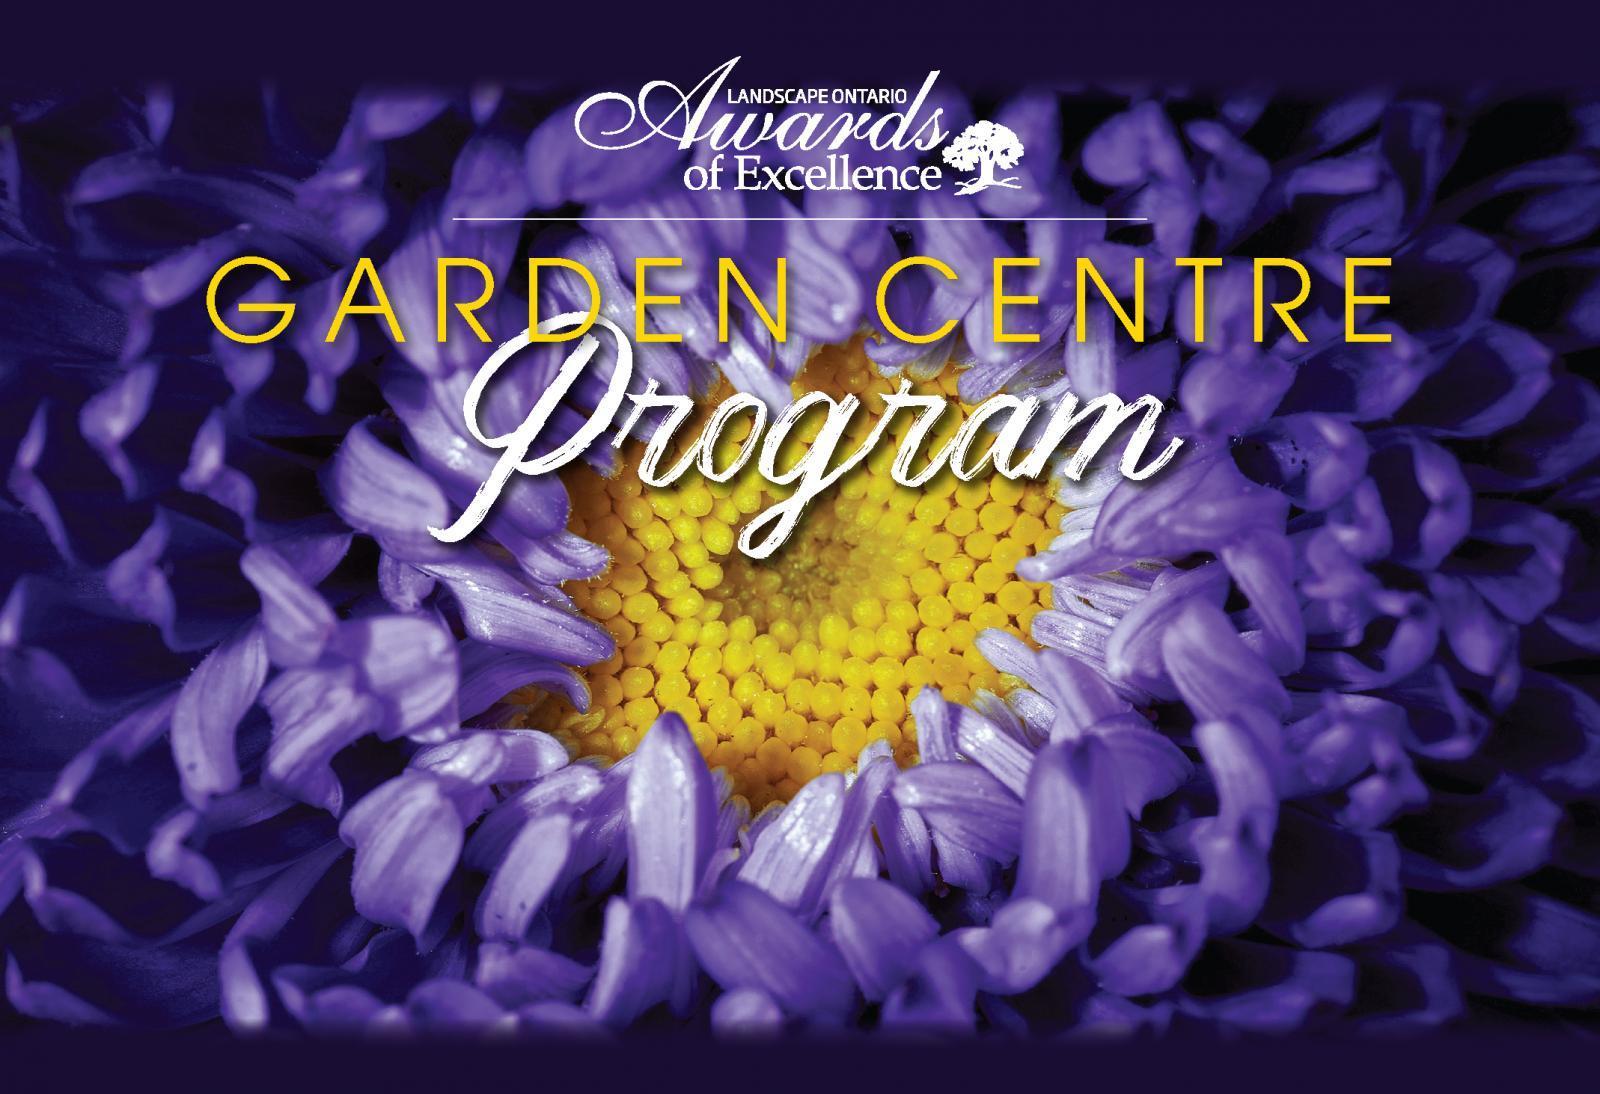 Garden Centre eblast banner - large